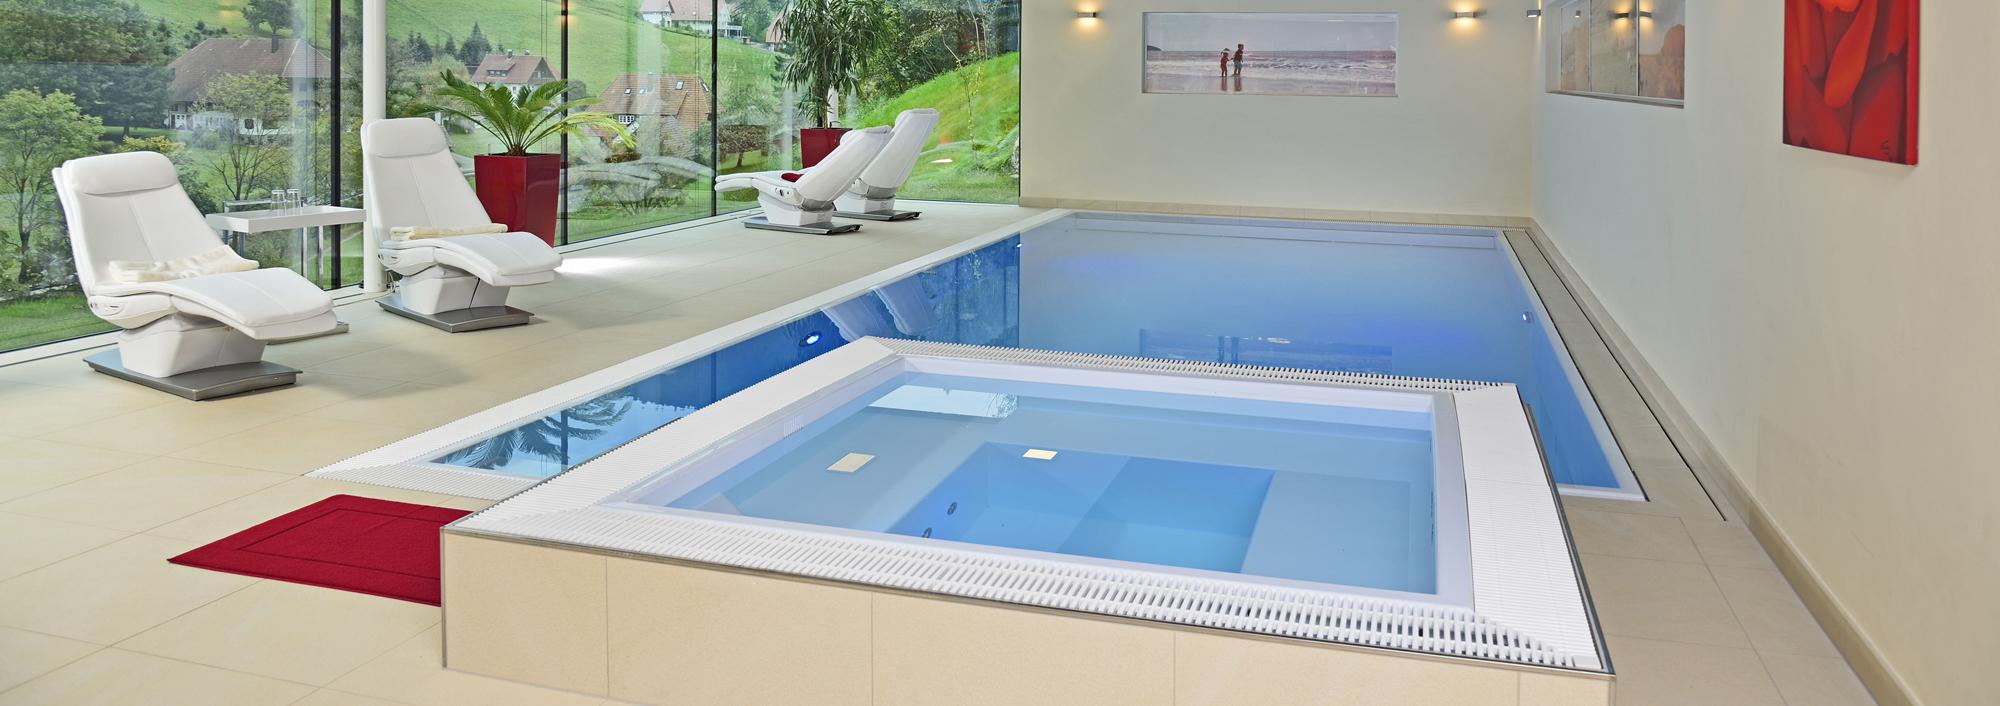 Hierzu unser Custom Fertigschwimmbecken in eisblau